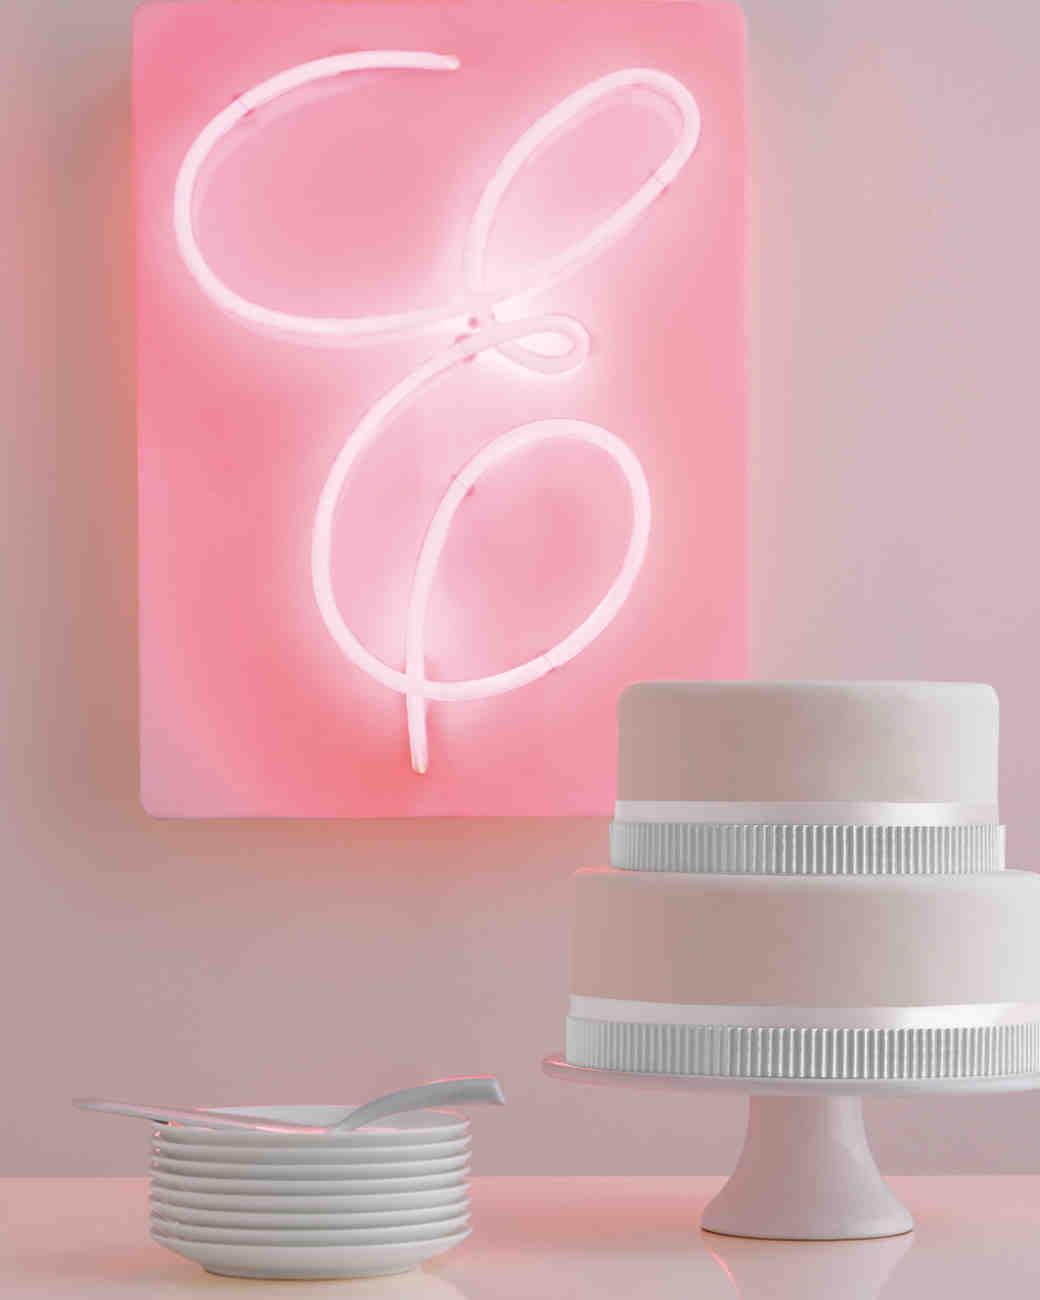 neon-light-cake-mwd108136.jpg